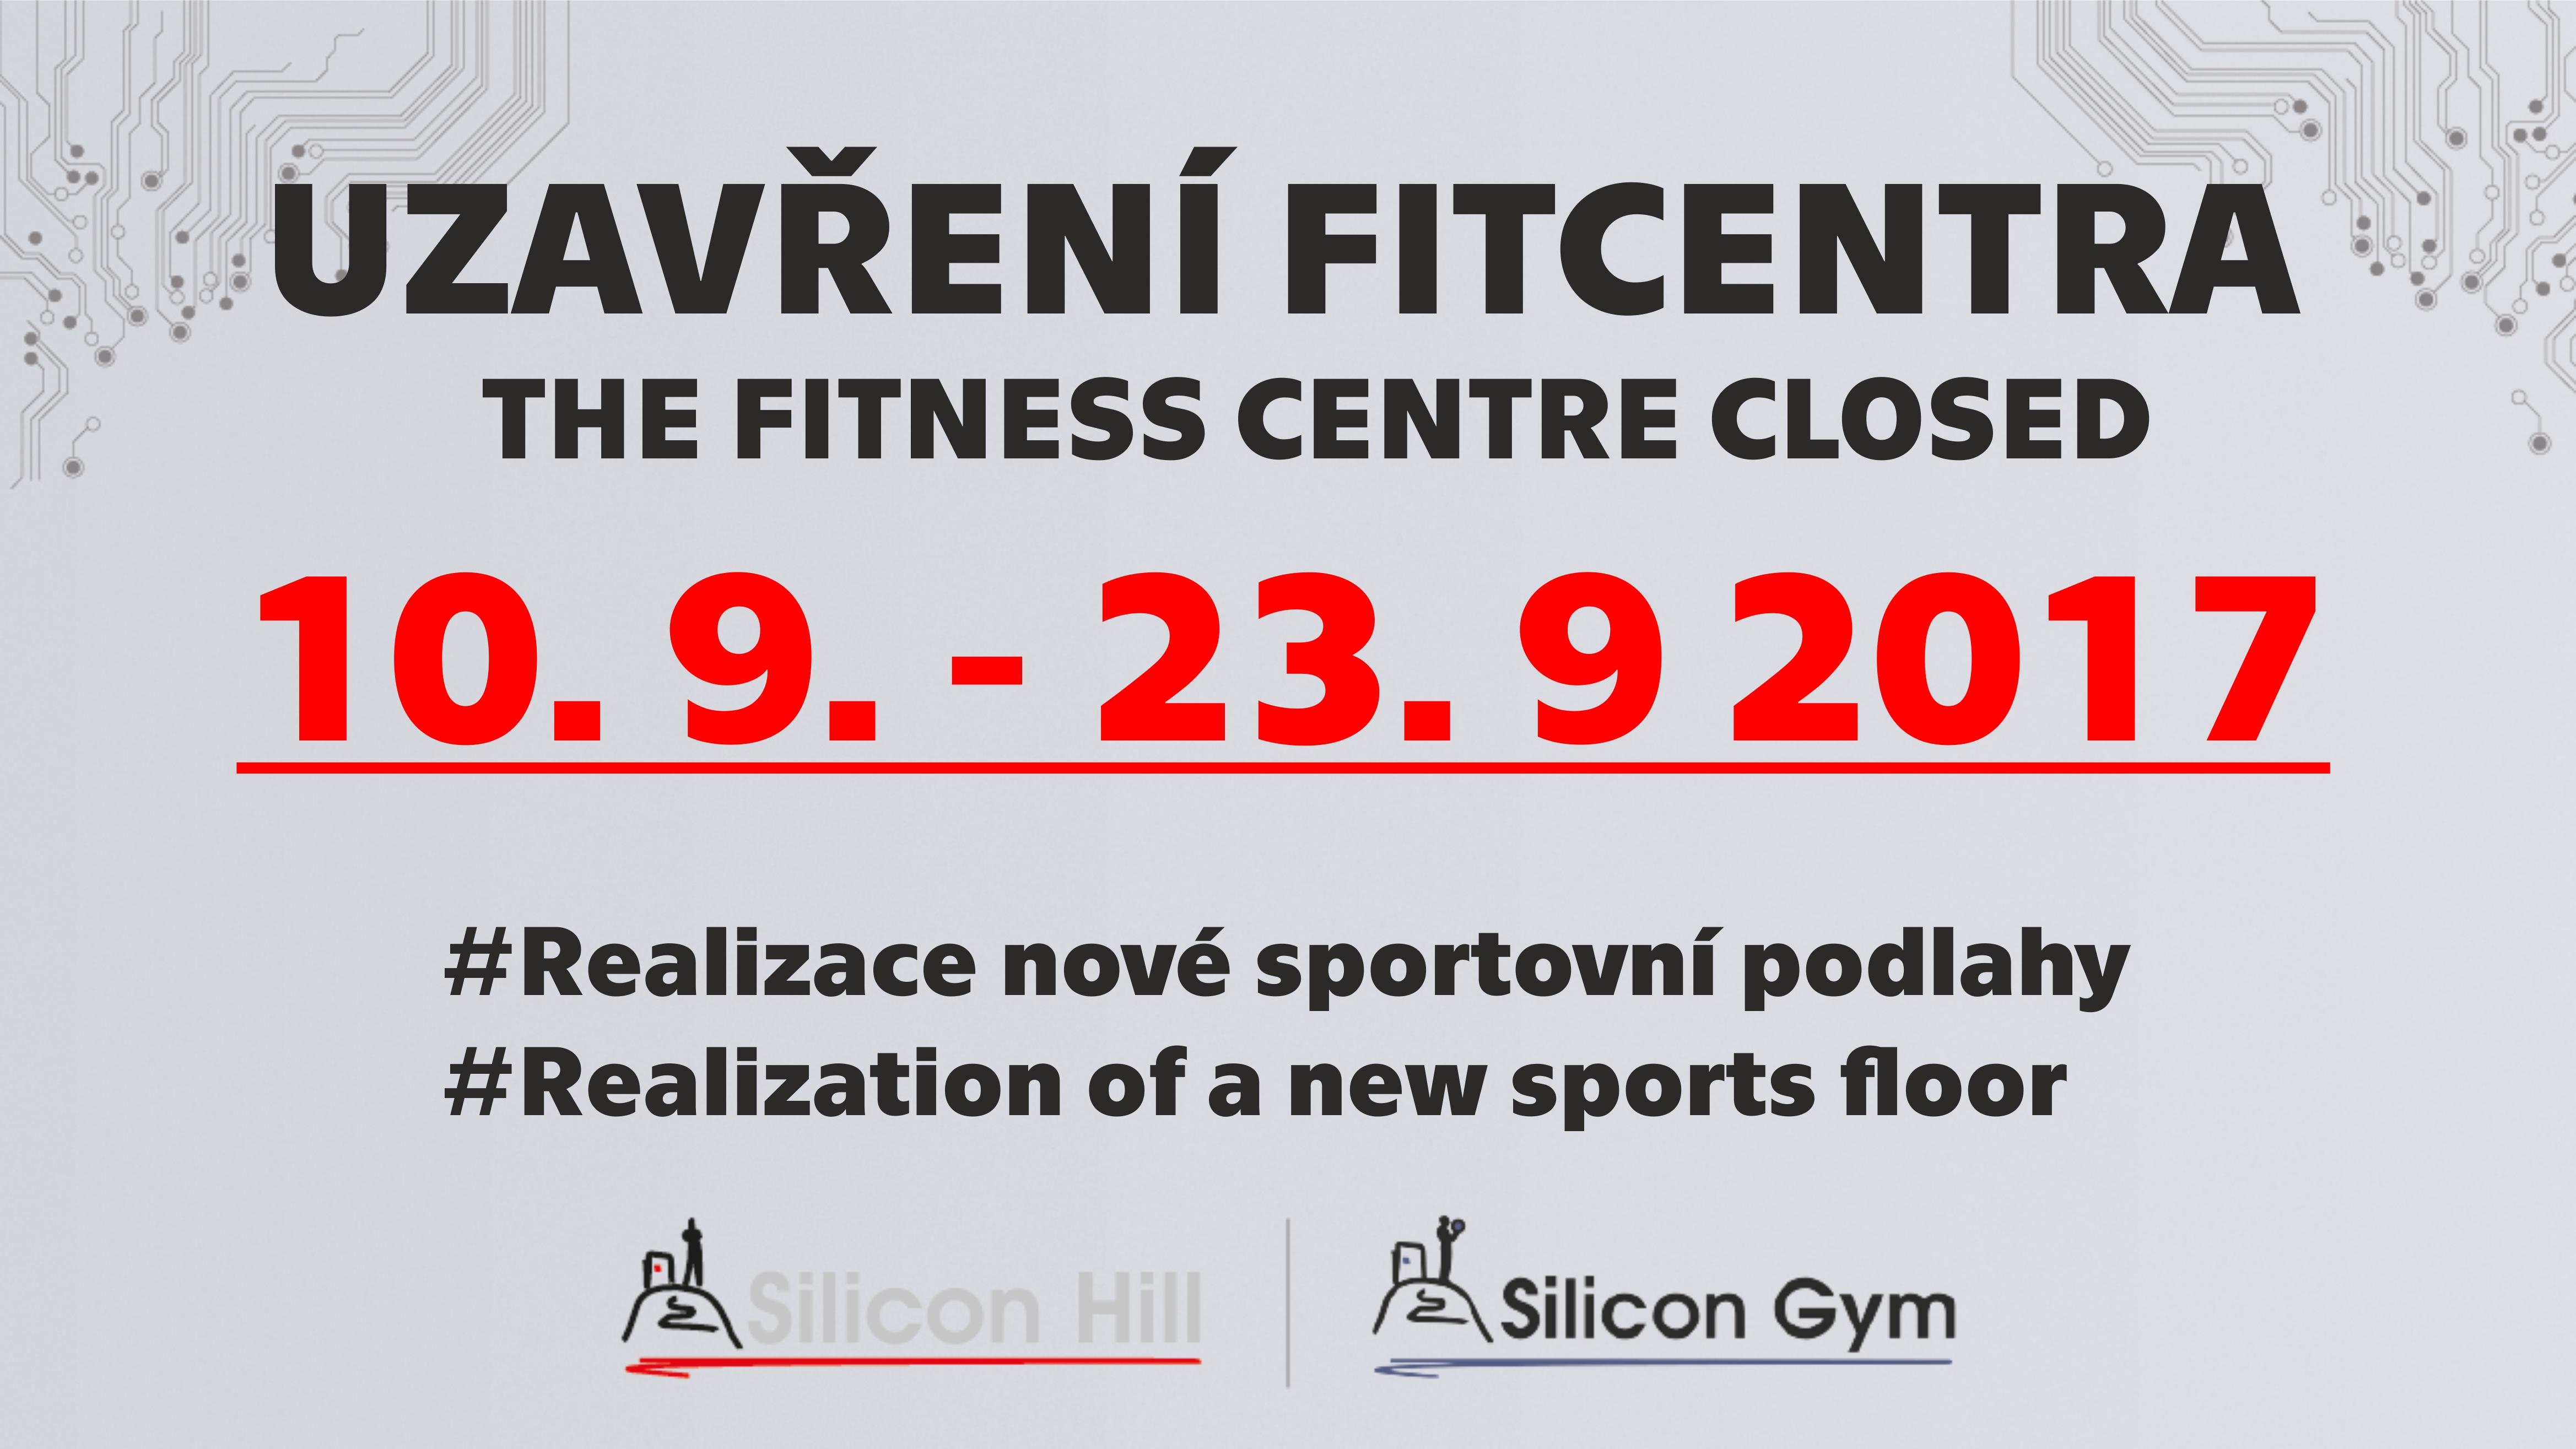 Uzavření fitcentra